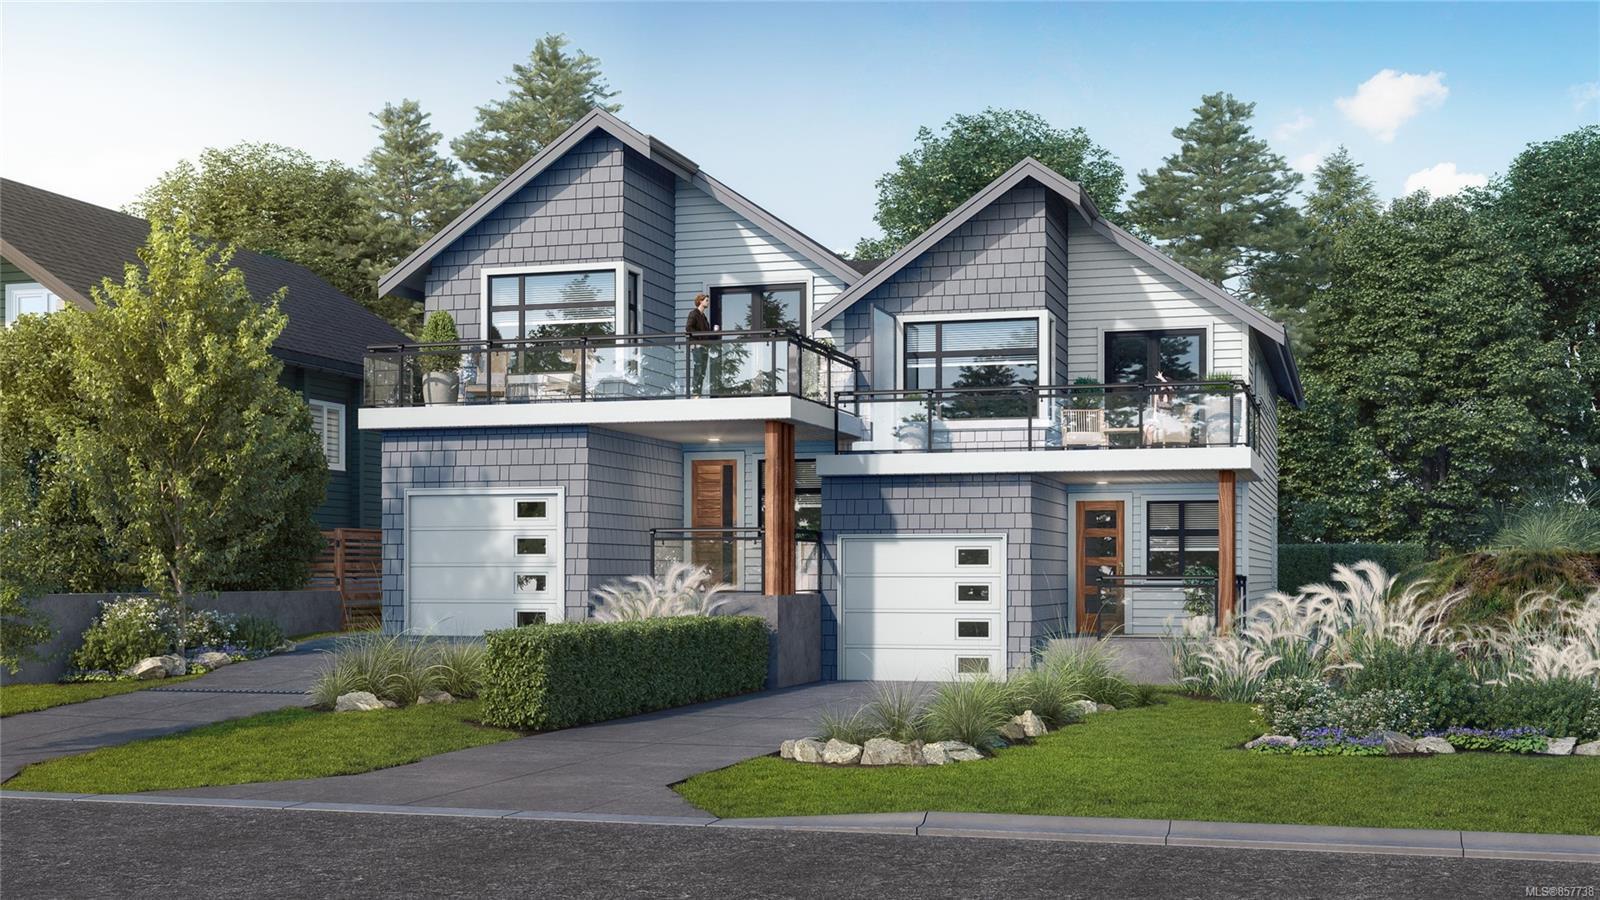 Main Photo: 469 Sturdee St in : Es Saxe Point Half Duplex for sale (Esquimalt)  : MLS®# 857738